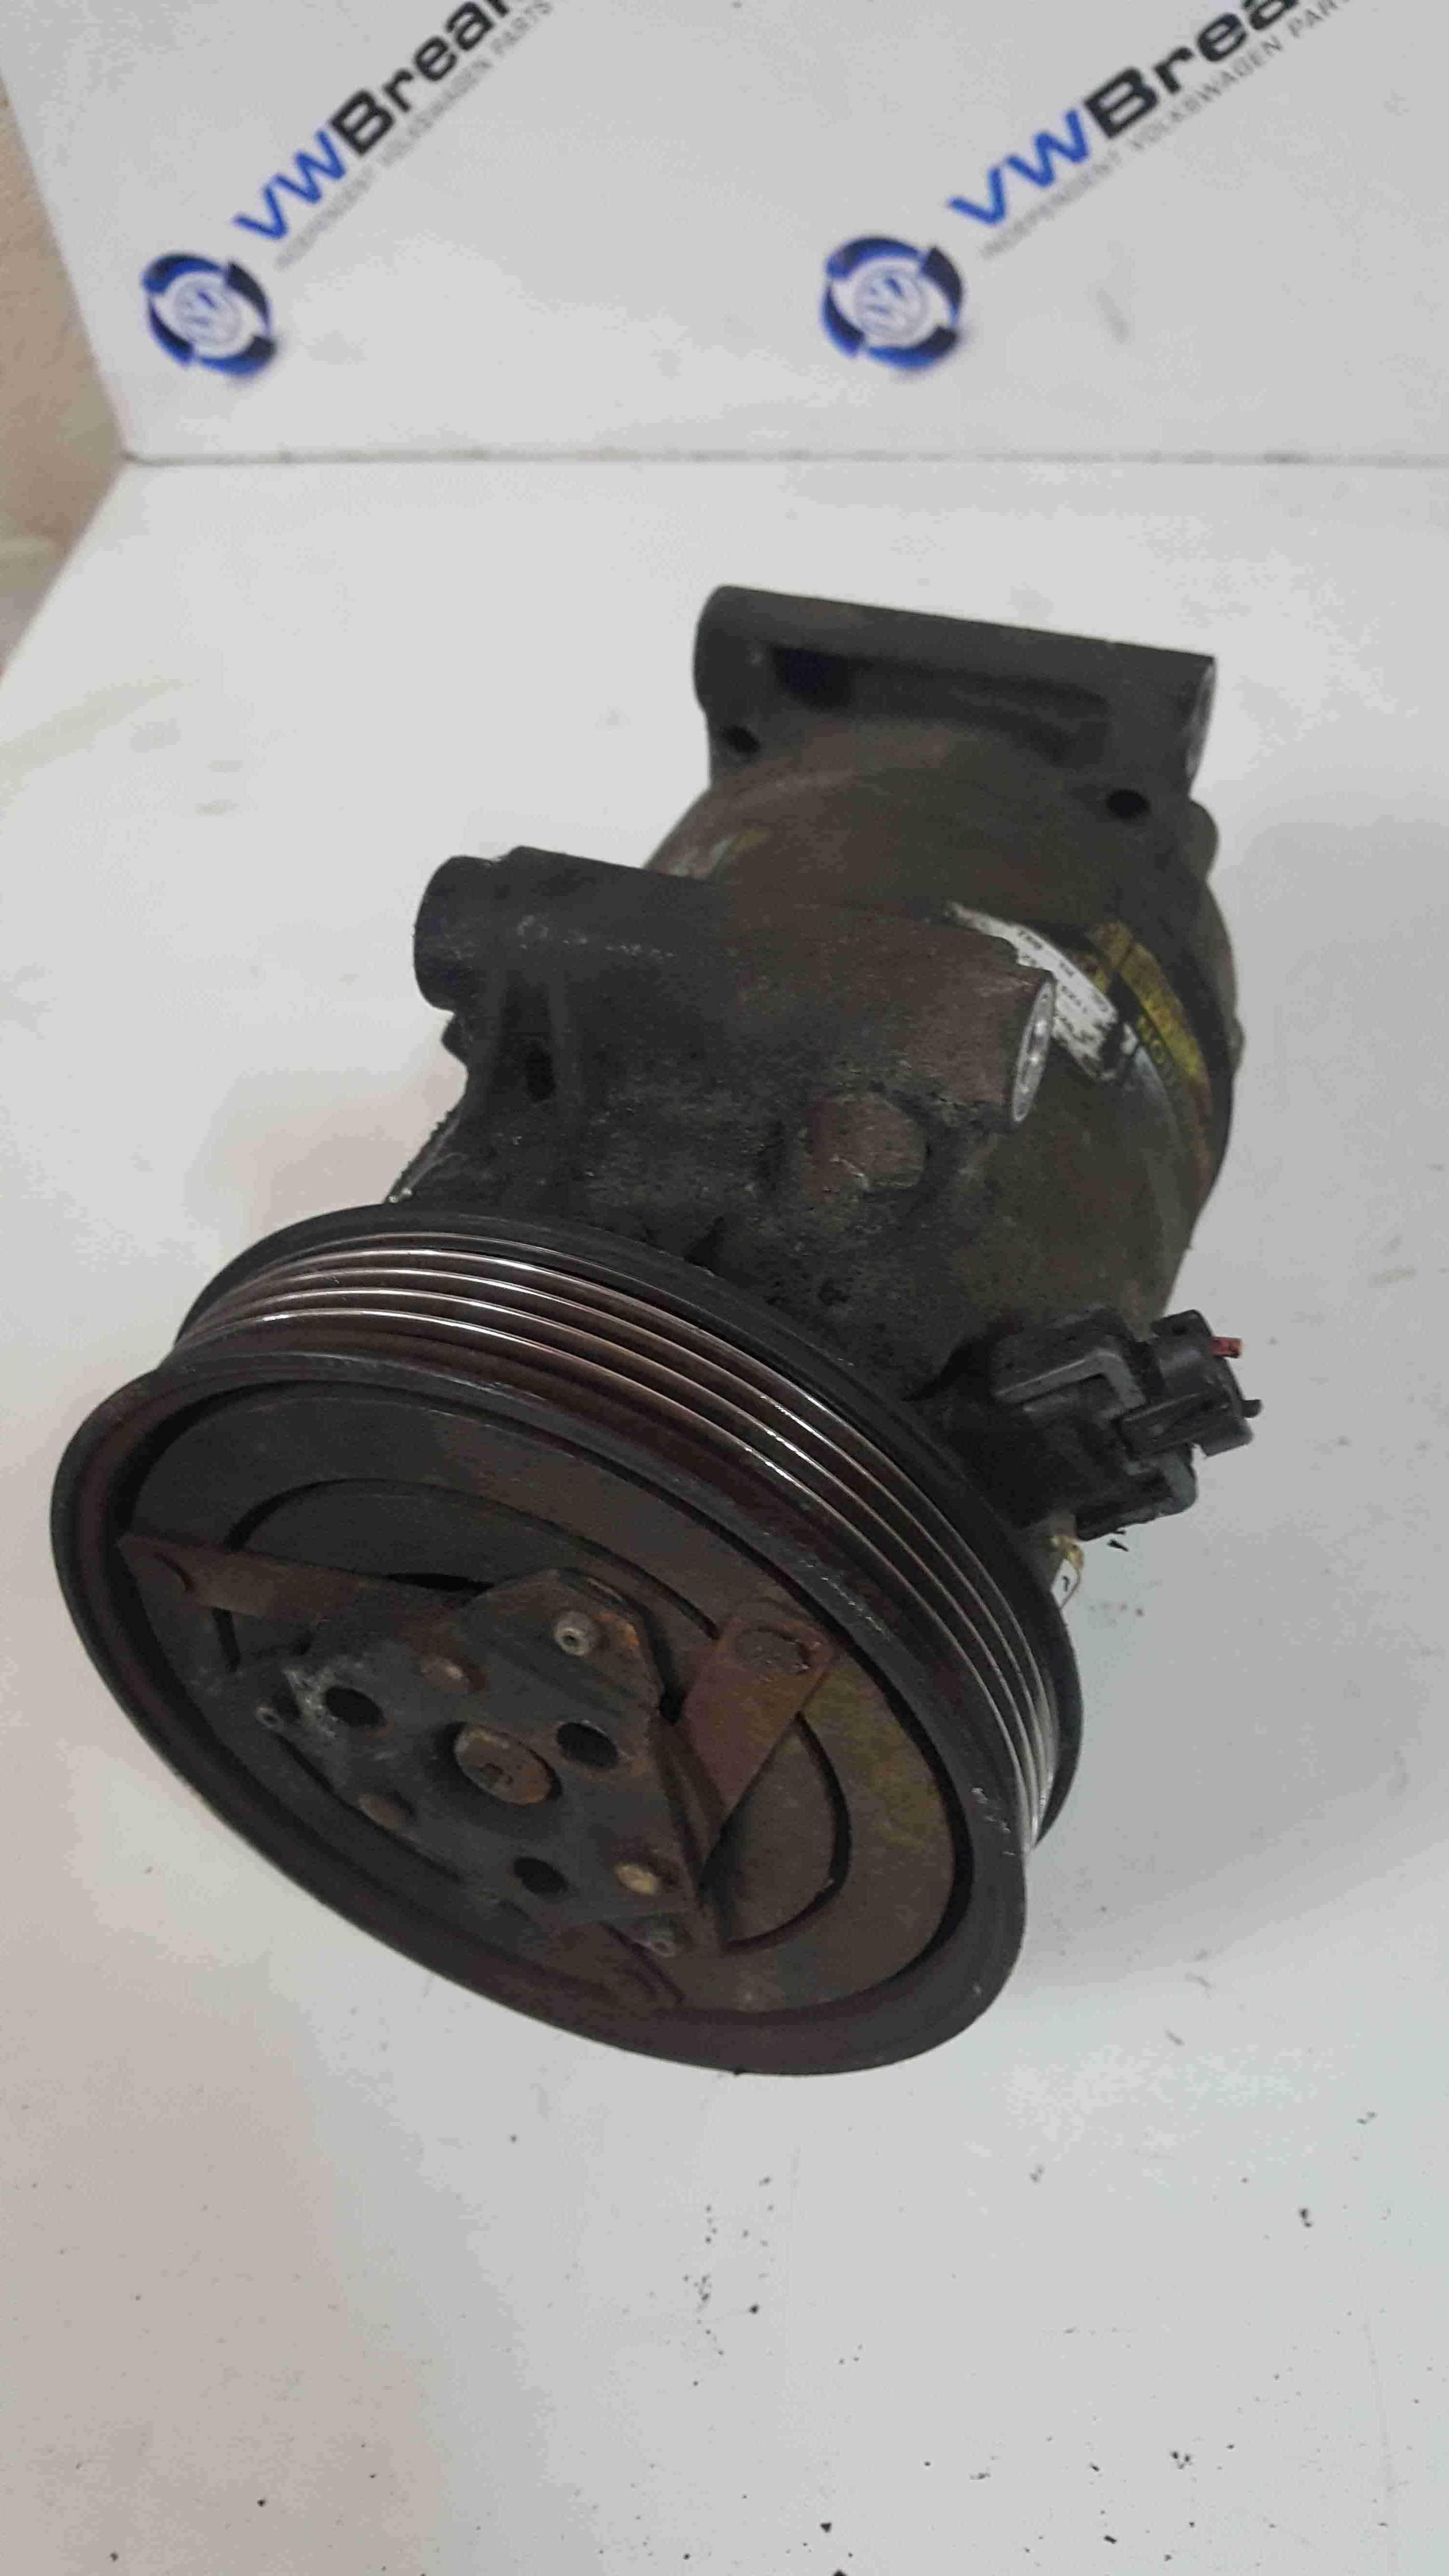 Renault Megane MK1 1999-2002 Aircon Pump Compressor Unit 8200050141